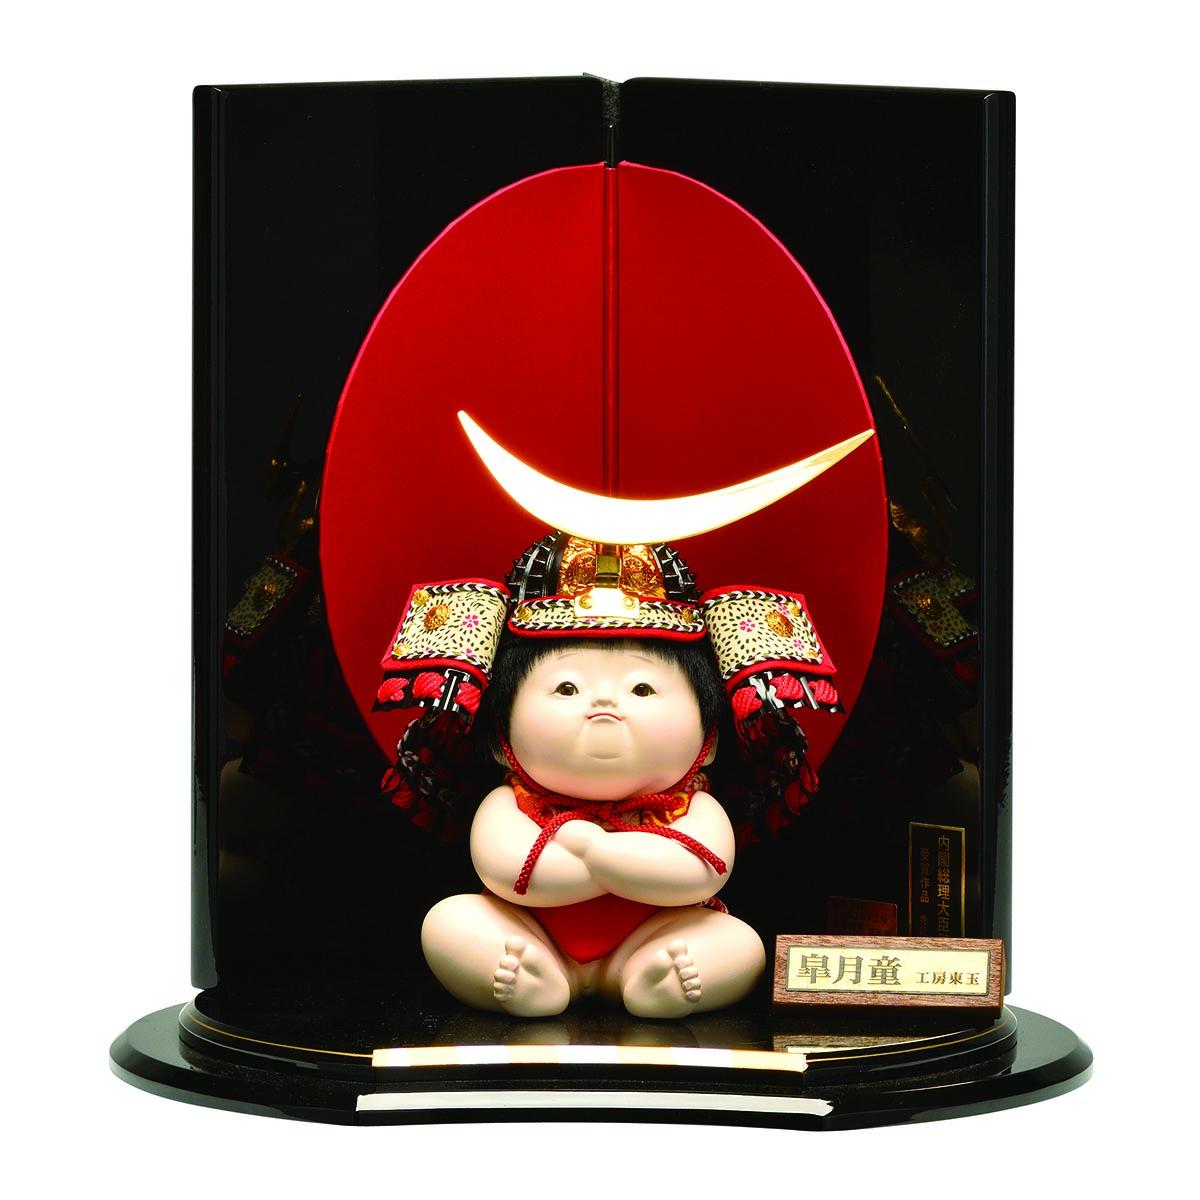 五月人形 東玉 木目込み 木目込み人形 皐月童 陸(りく) ≪GOTG-T-960≫コンパクト おしゃれ 木目込み 五月人形 [P10]